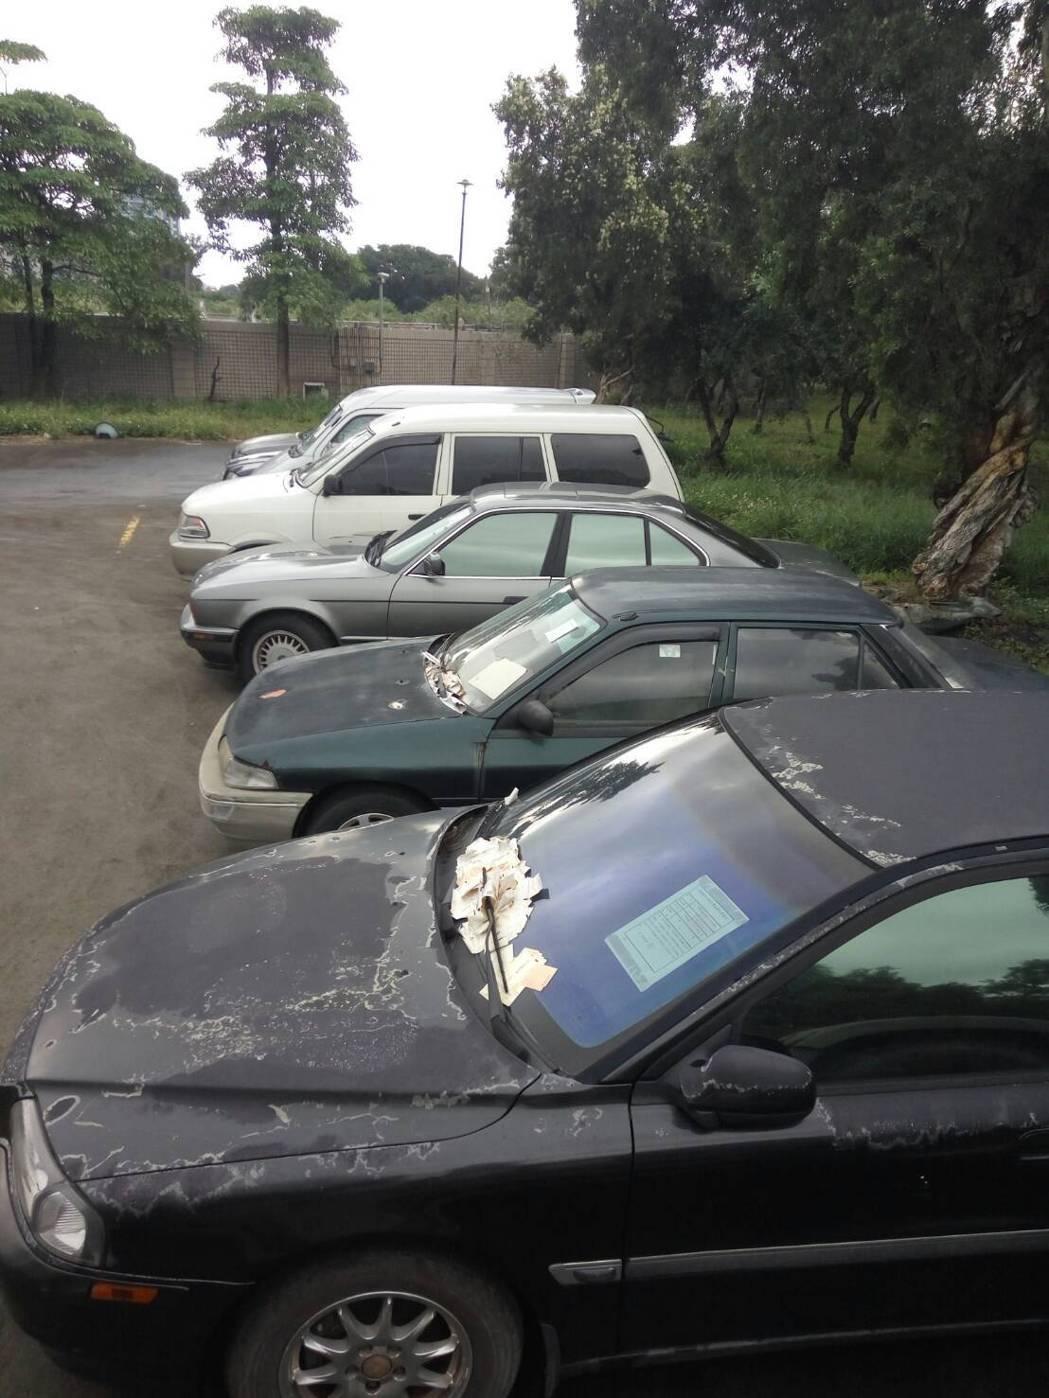 行政執行署桃園分署從上周起陸續查扣6輛欠費車輛,若再不繳費就會拍賣清償。圖/行政...